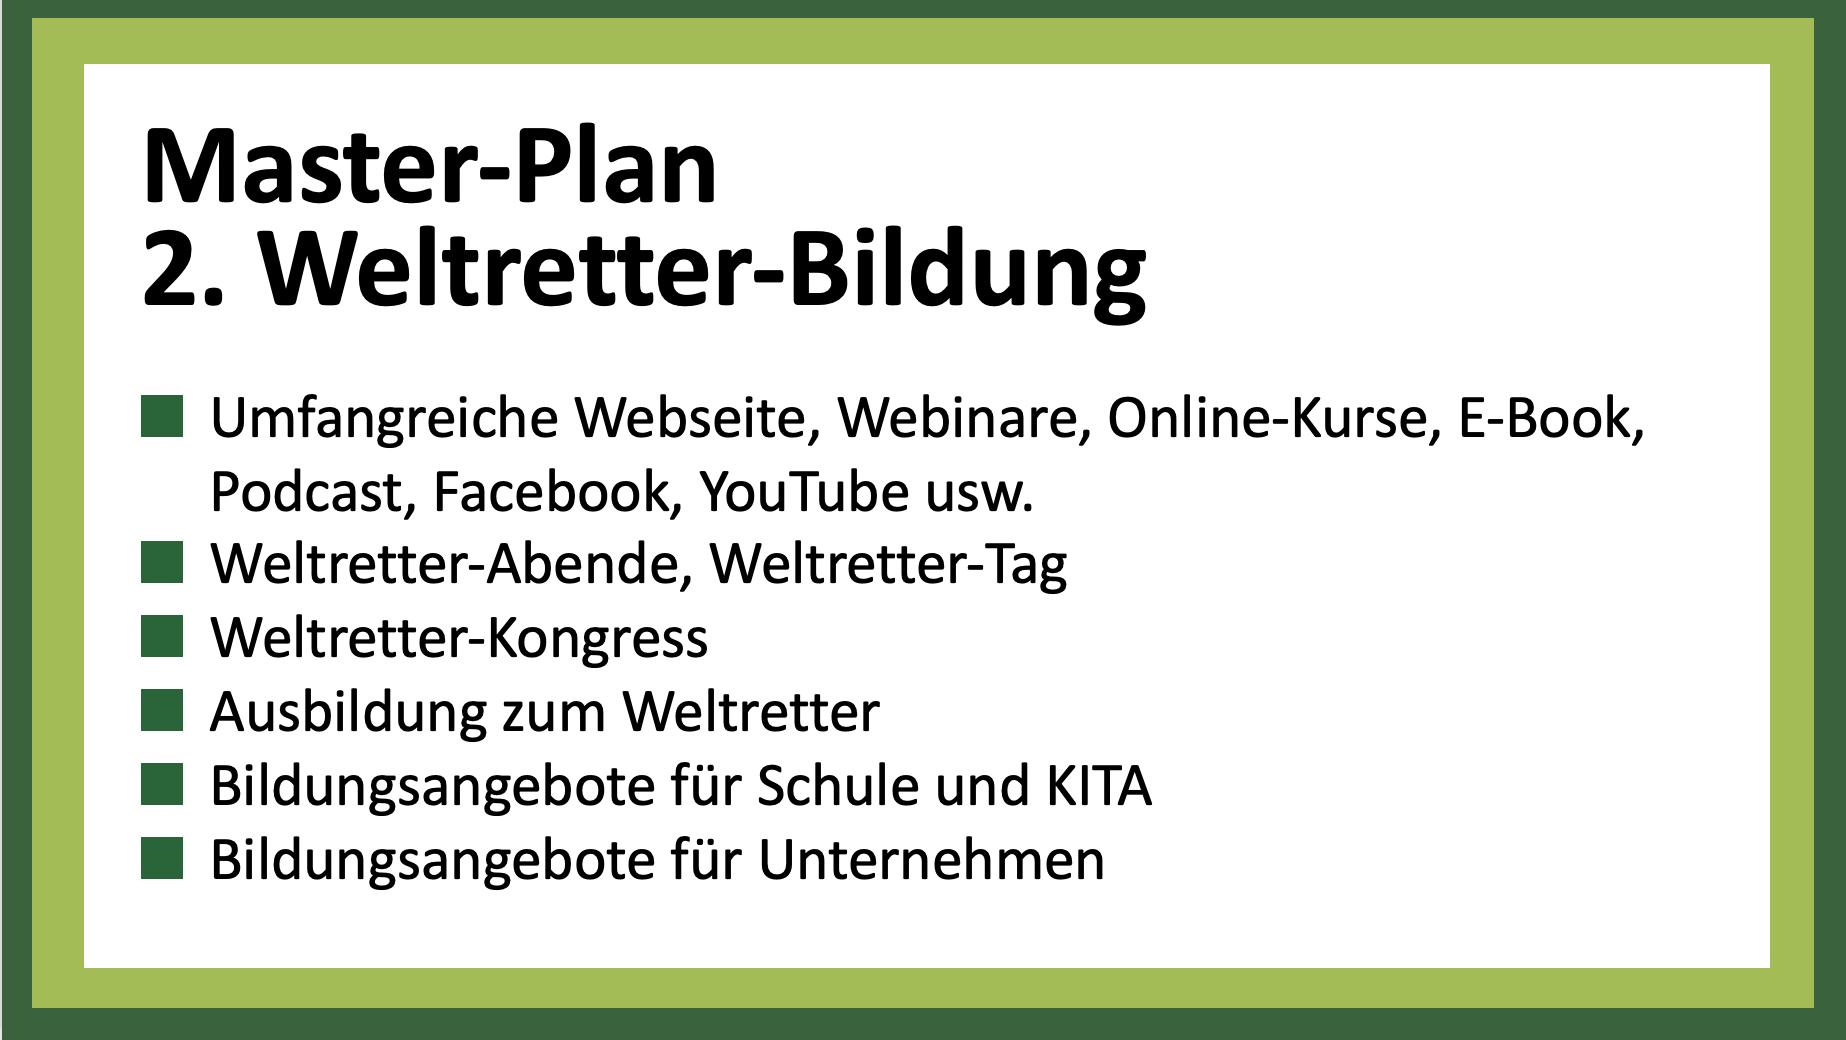 Master-Plan 2